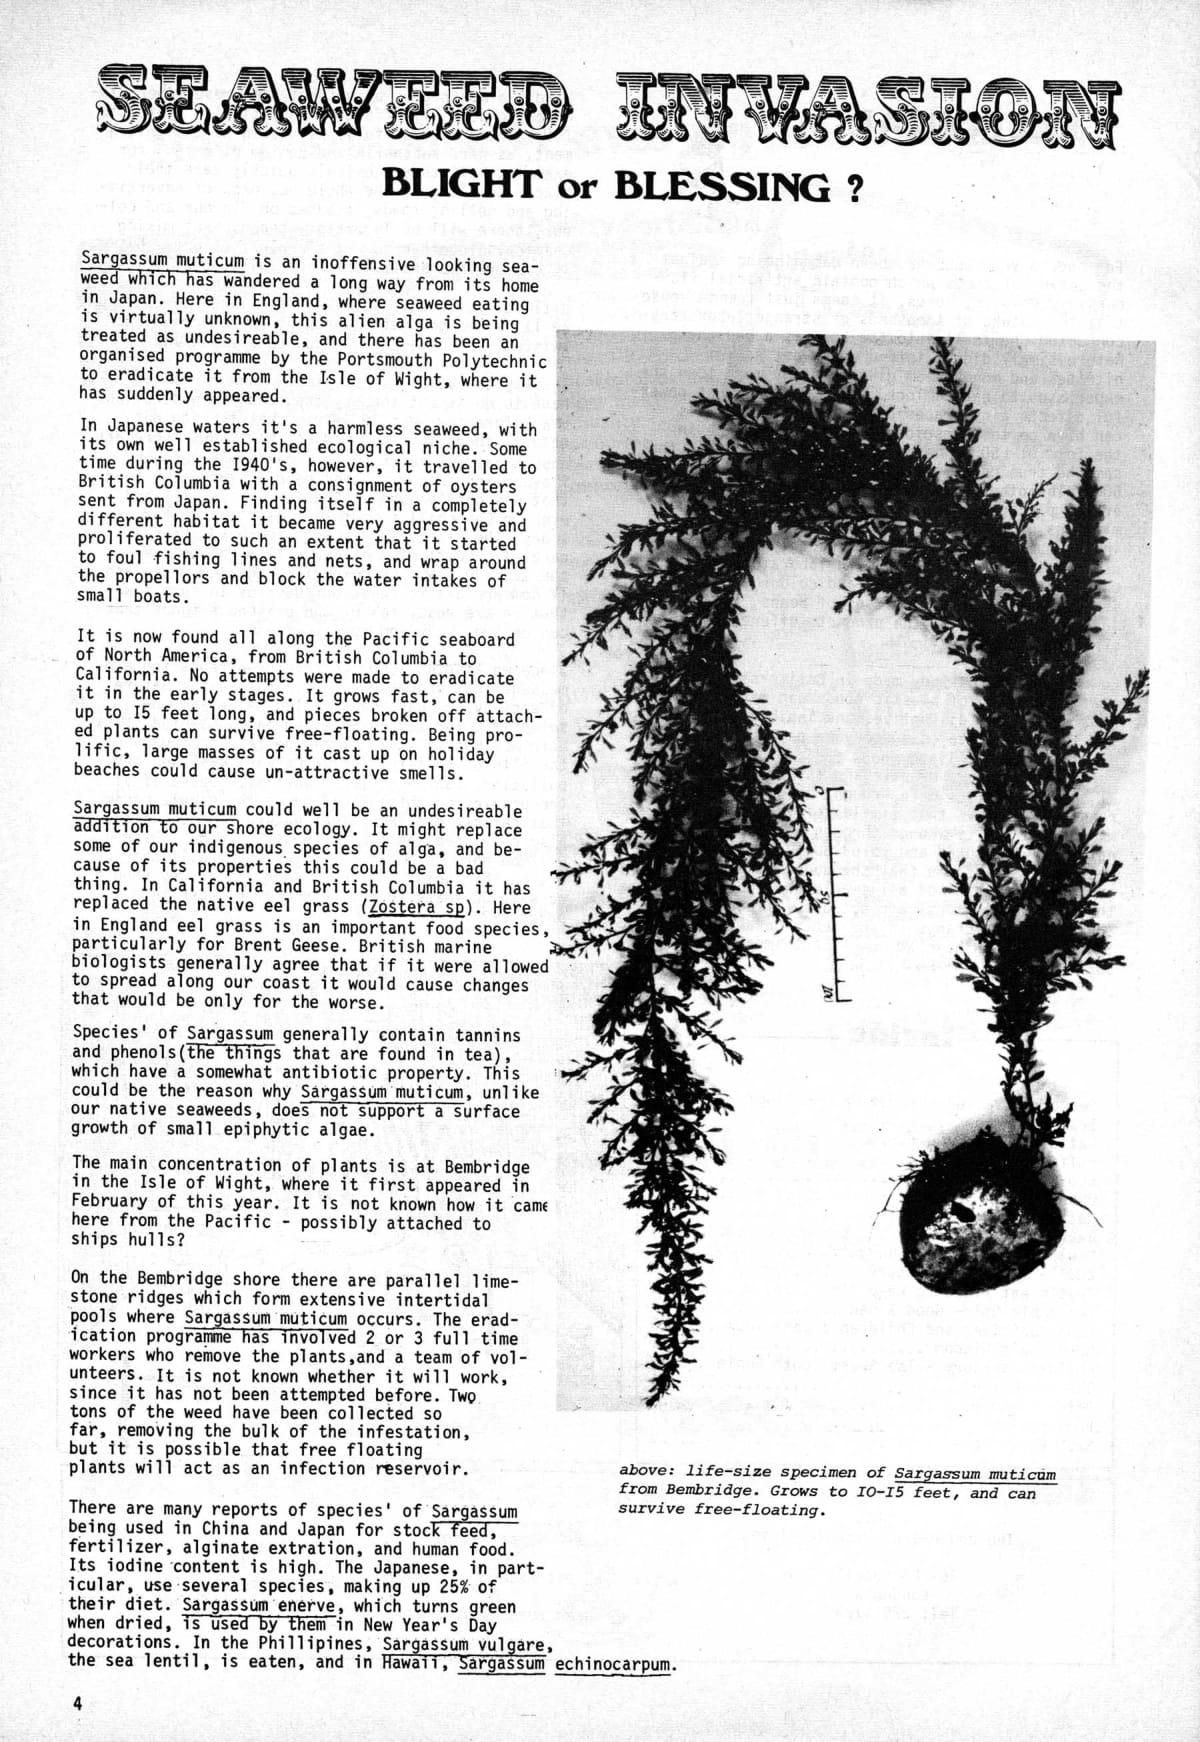 seed-v2-n7-july1973-04.jpg